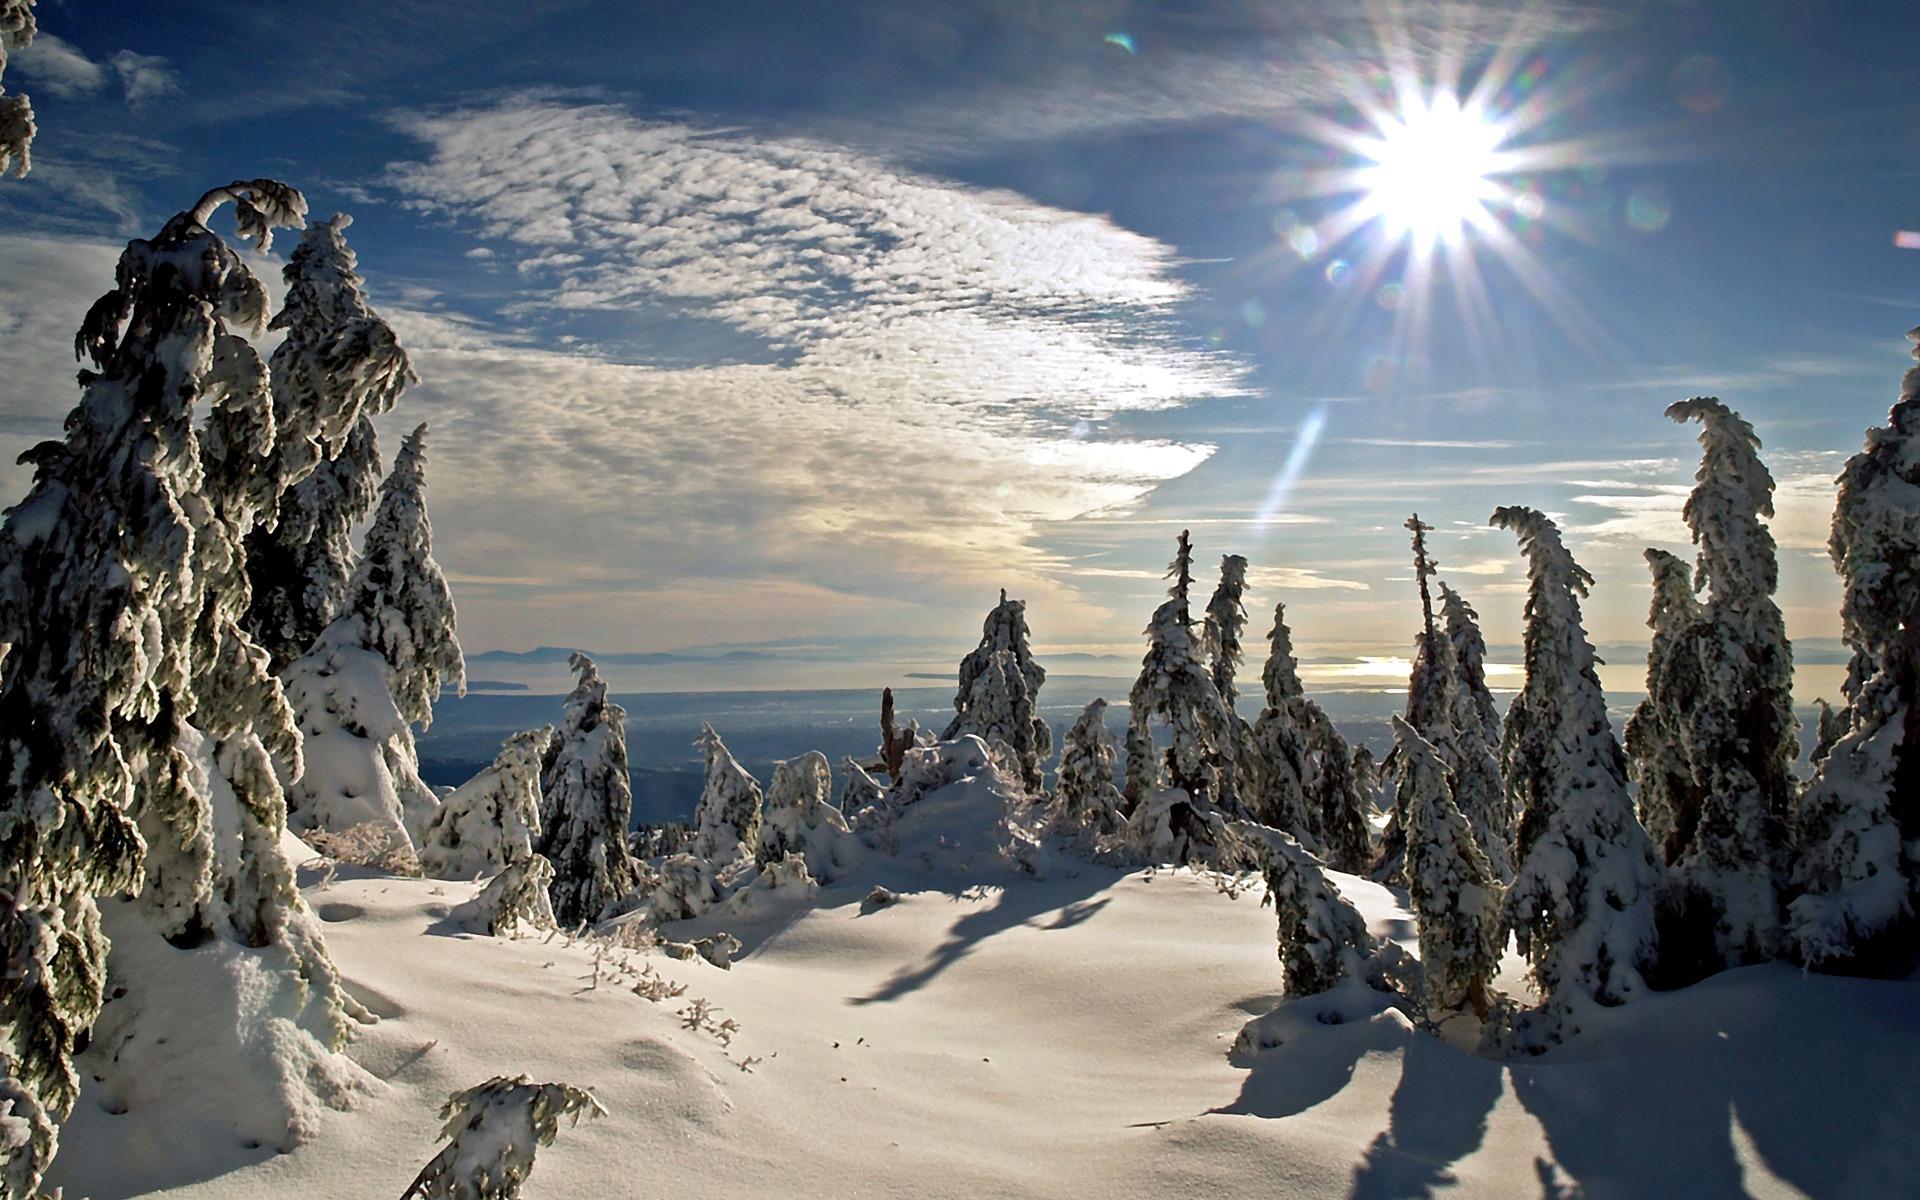 Winter Sun Wallpapers 1920x1200